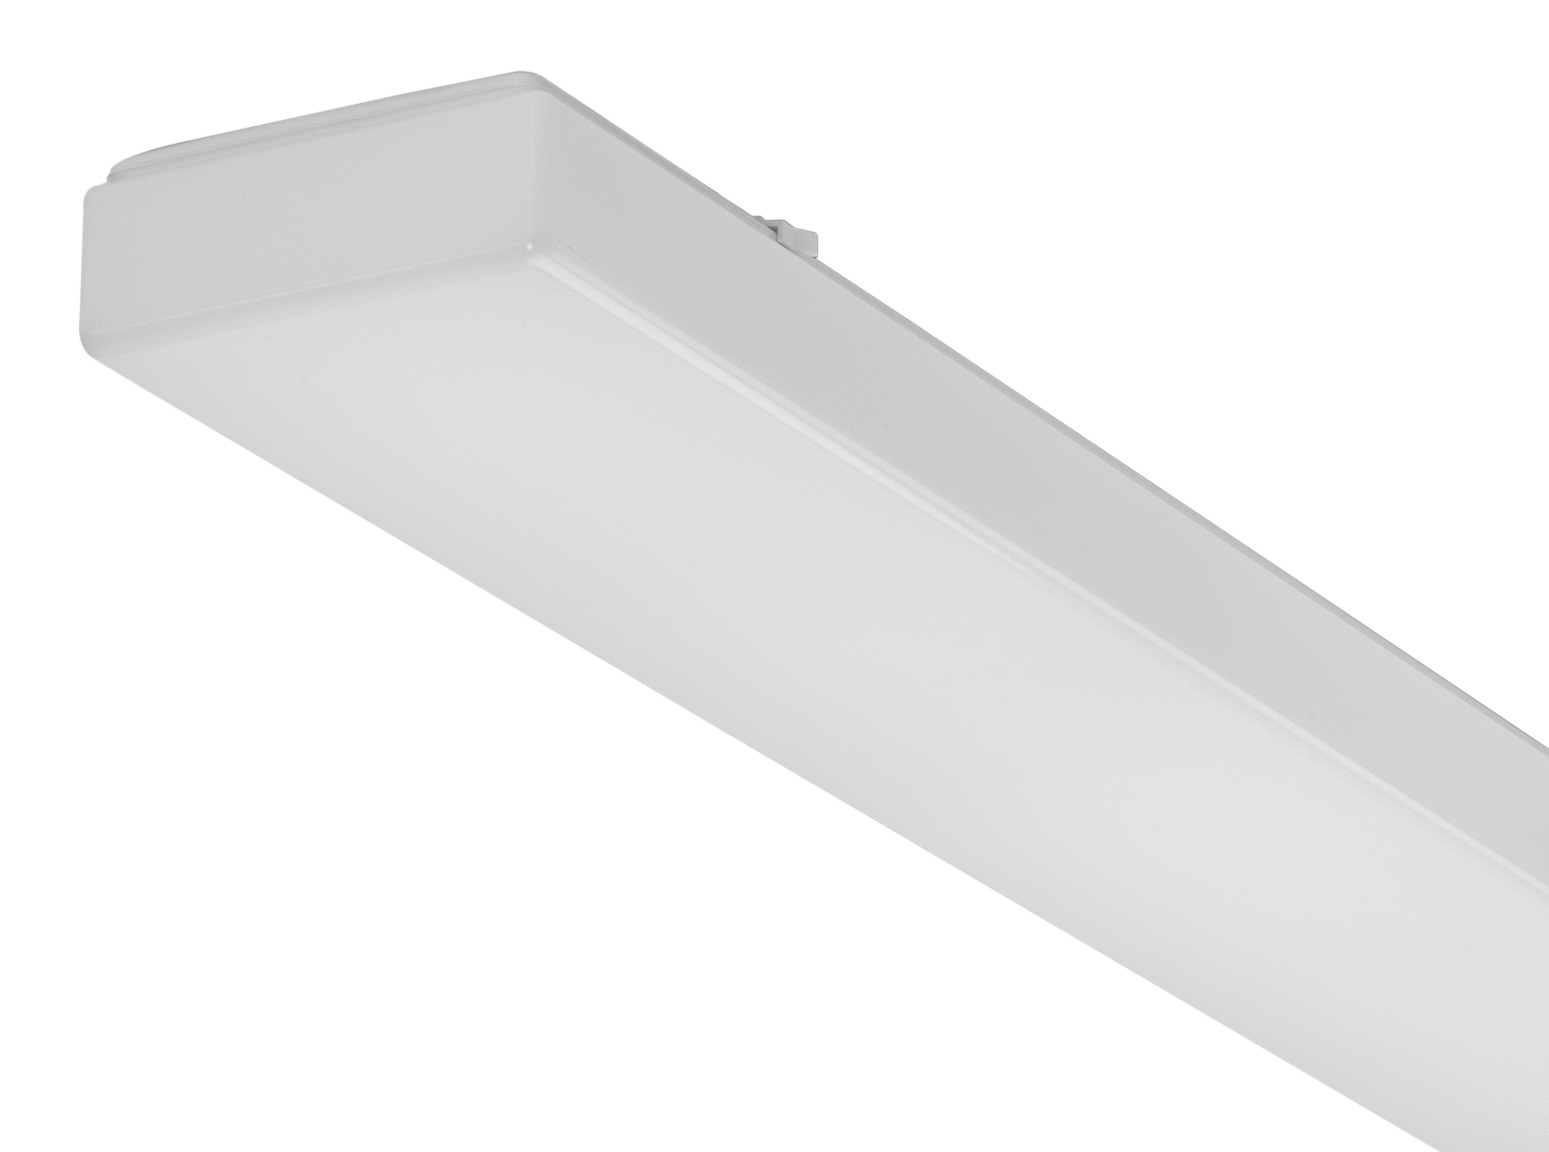 1 Stk AOTF-O T8 Wannenleuchte, 4x18W, EVG, IP50, acryl, opal, Weiß LI71131562